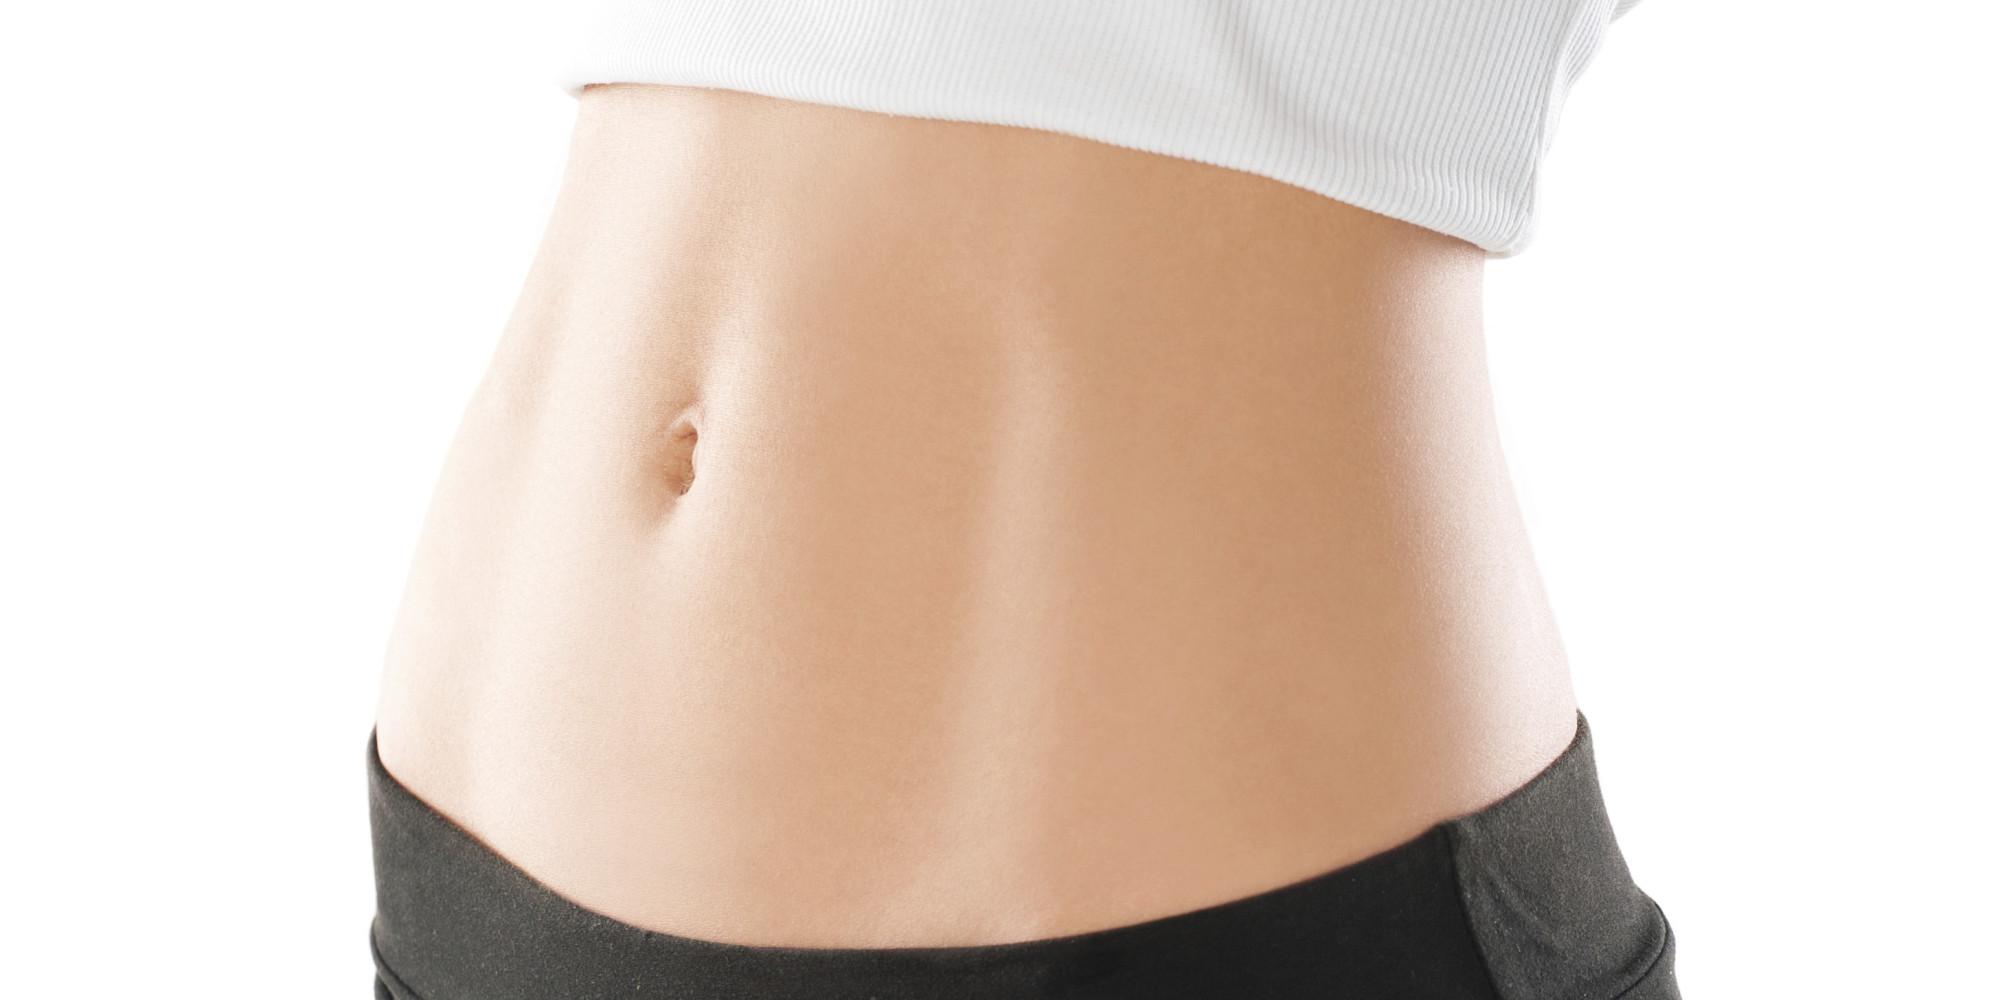 fokozza az anyagcserét a zsírégetést 21 éves nő fogyás